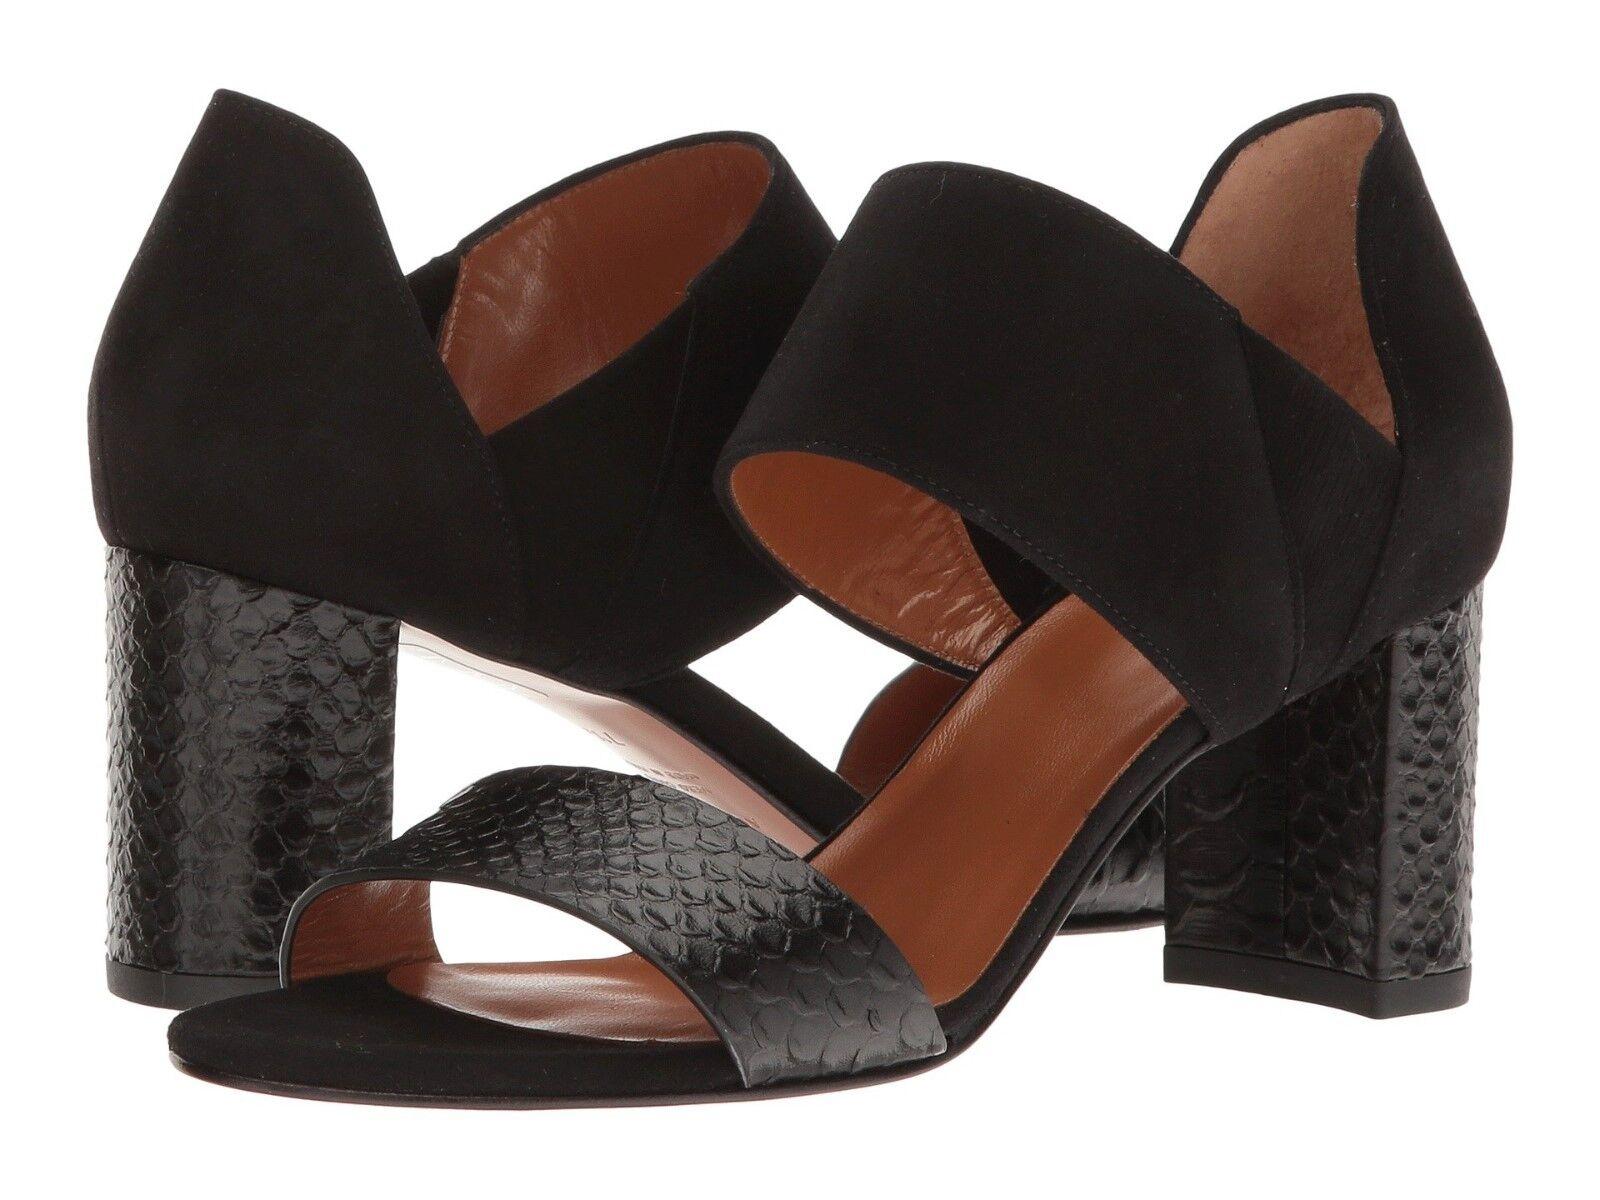 il più economico Aquatalia by Marvin K. Donna  Suzanne Dress Heel Sandal Sandal Sandal nero 8 NEW IN BOX  Offriamo vari marchi famosi